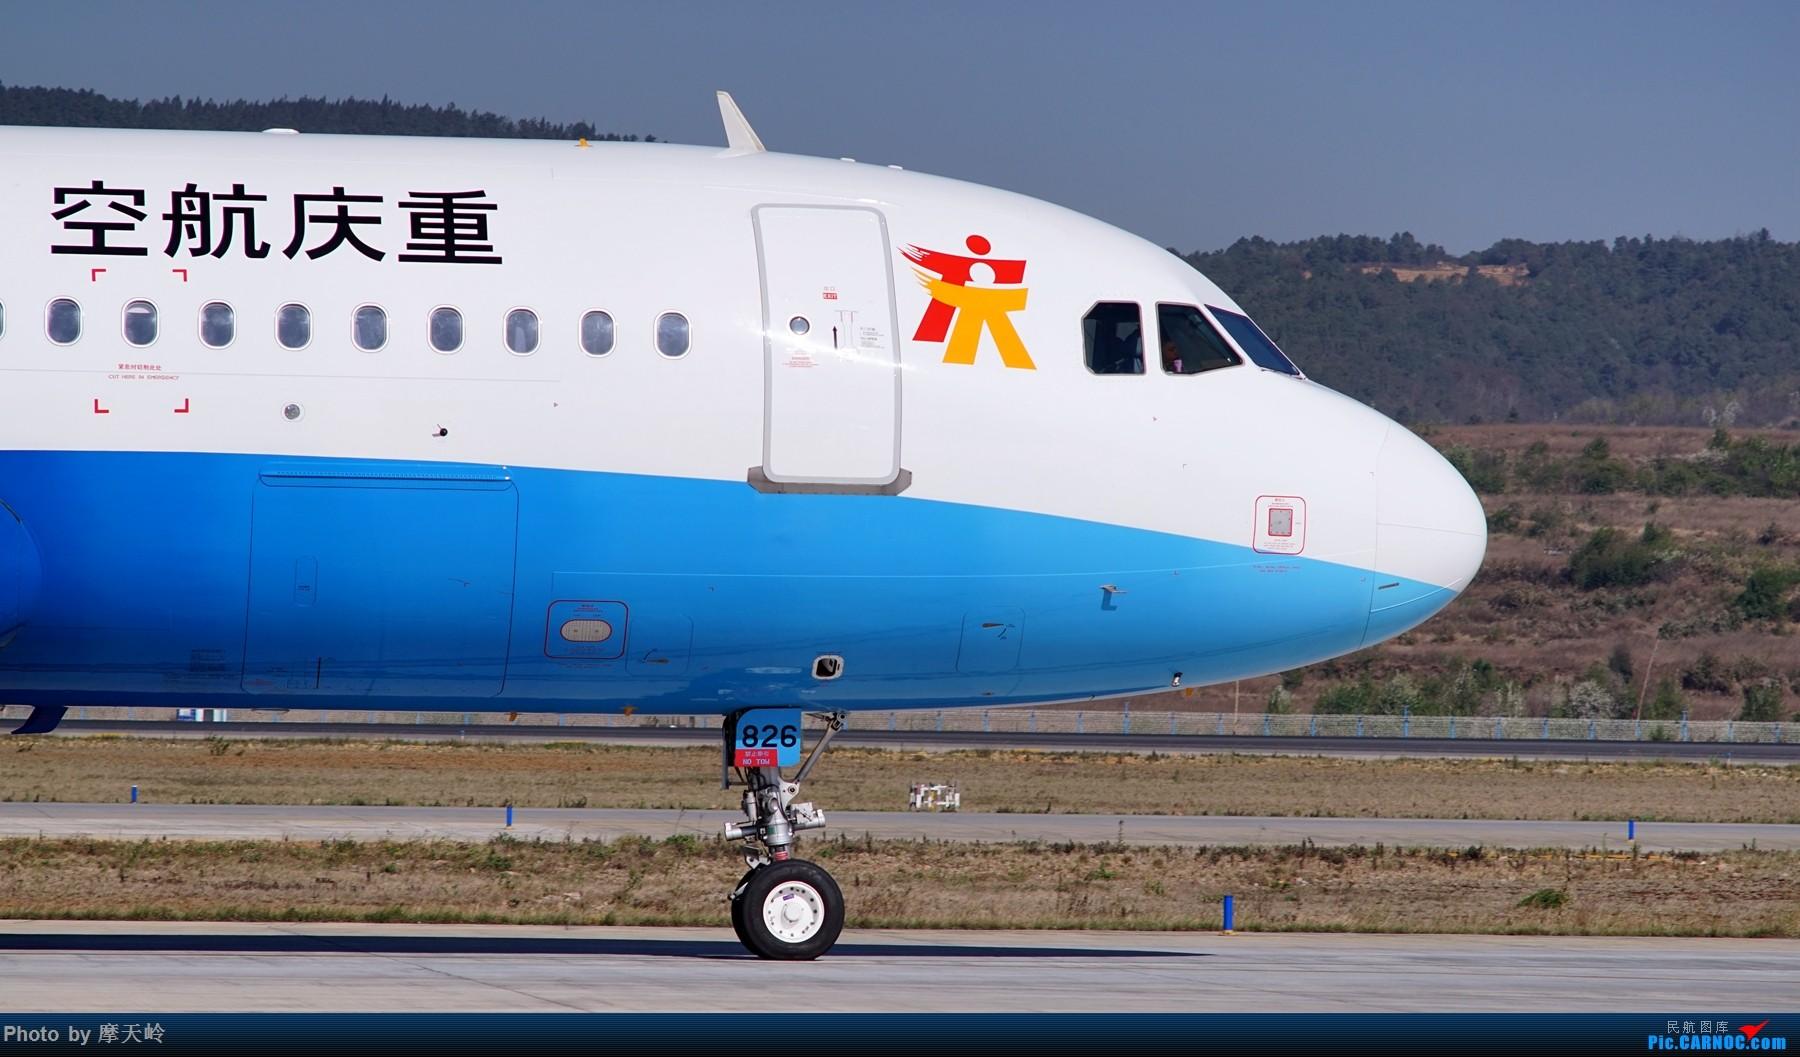 Re:[原创]【昆明长水】内场拍拍拍 AIRBUS A320-200 B-1826 中国昆明长水国际机场